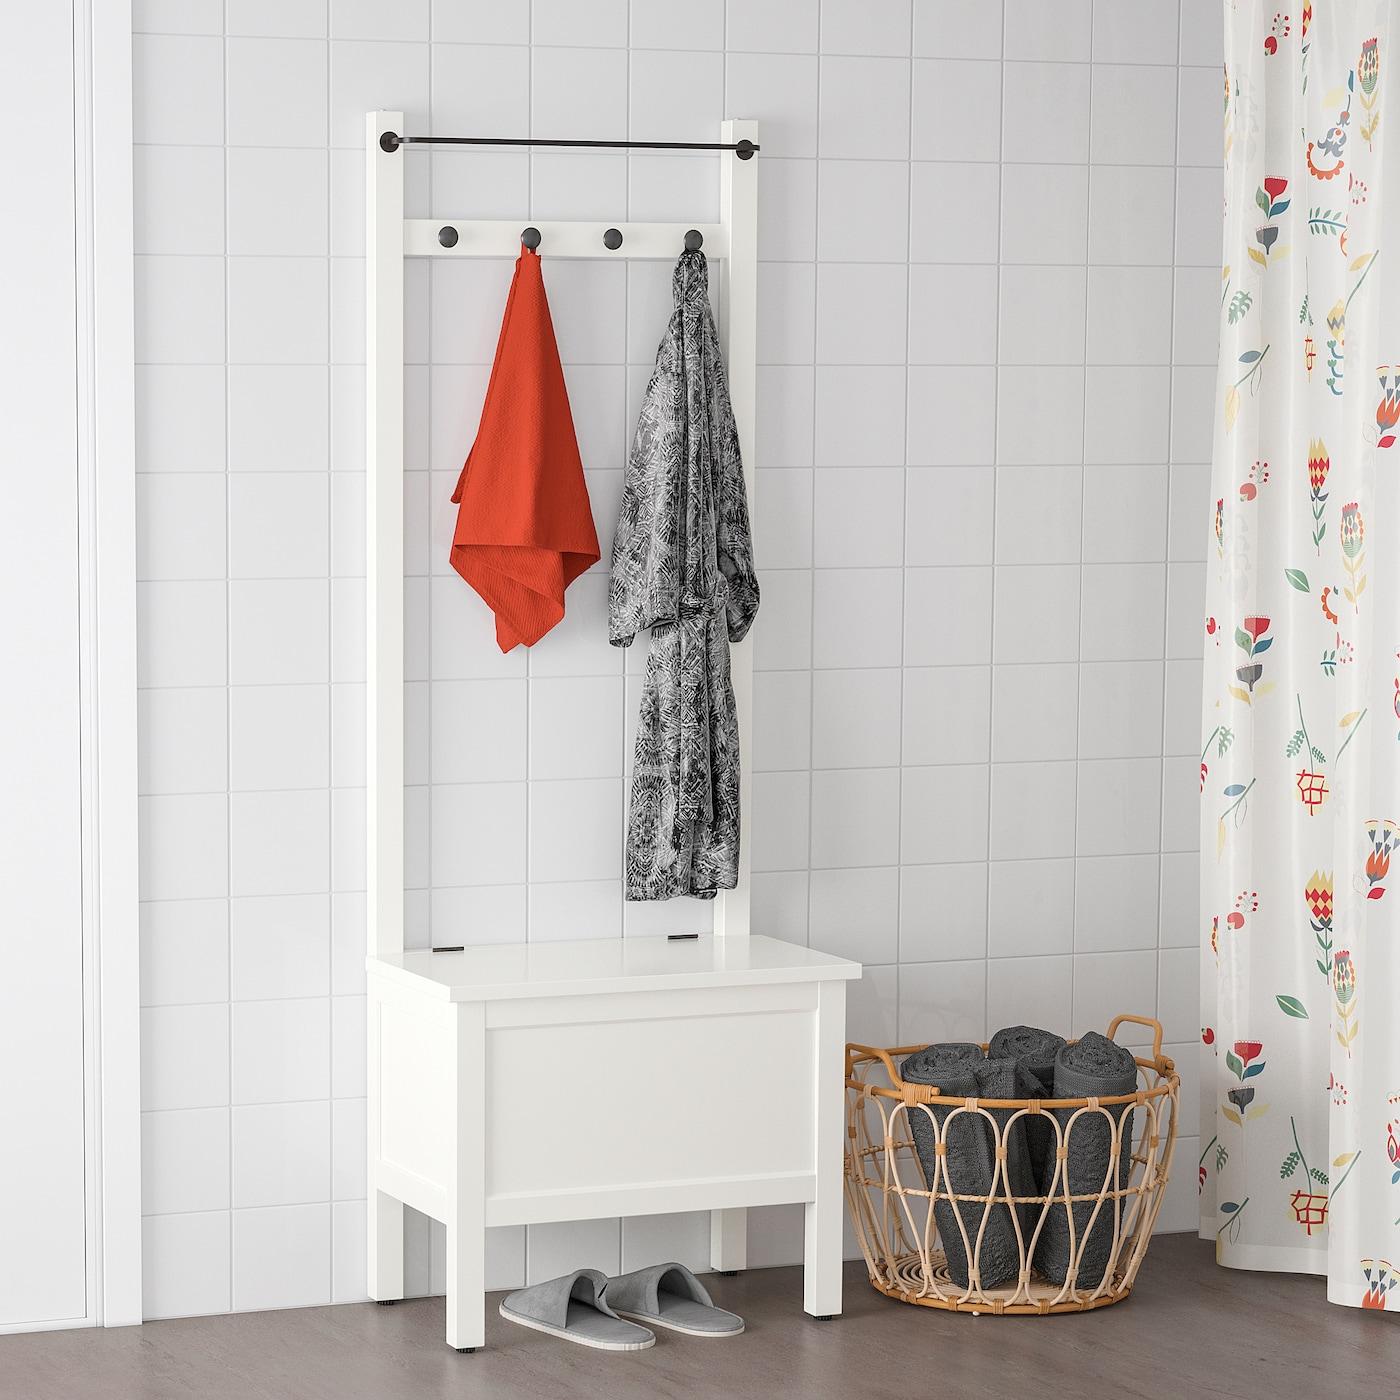 Full Size of Hemnes Truhe Mit Handtuchstange 4 Haken Wei Ikea Sterreich Küche Kosten Bad Handtuchhalter Sofa Schlaffunktion Miniküche Modulküche Betten Bei 160x200 Wohnzimmer Handtuchhalter Ikea